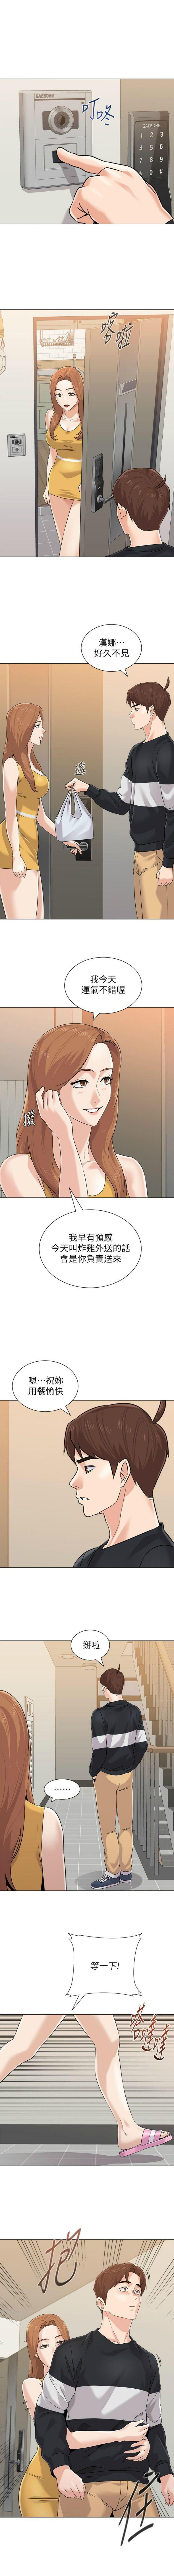 老師 1-80 官方中文(連載中) 602